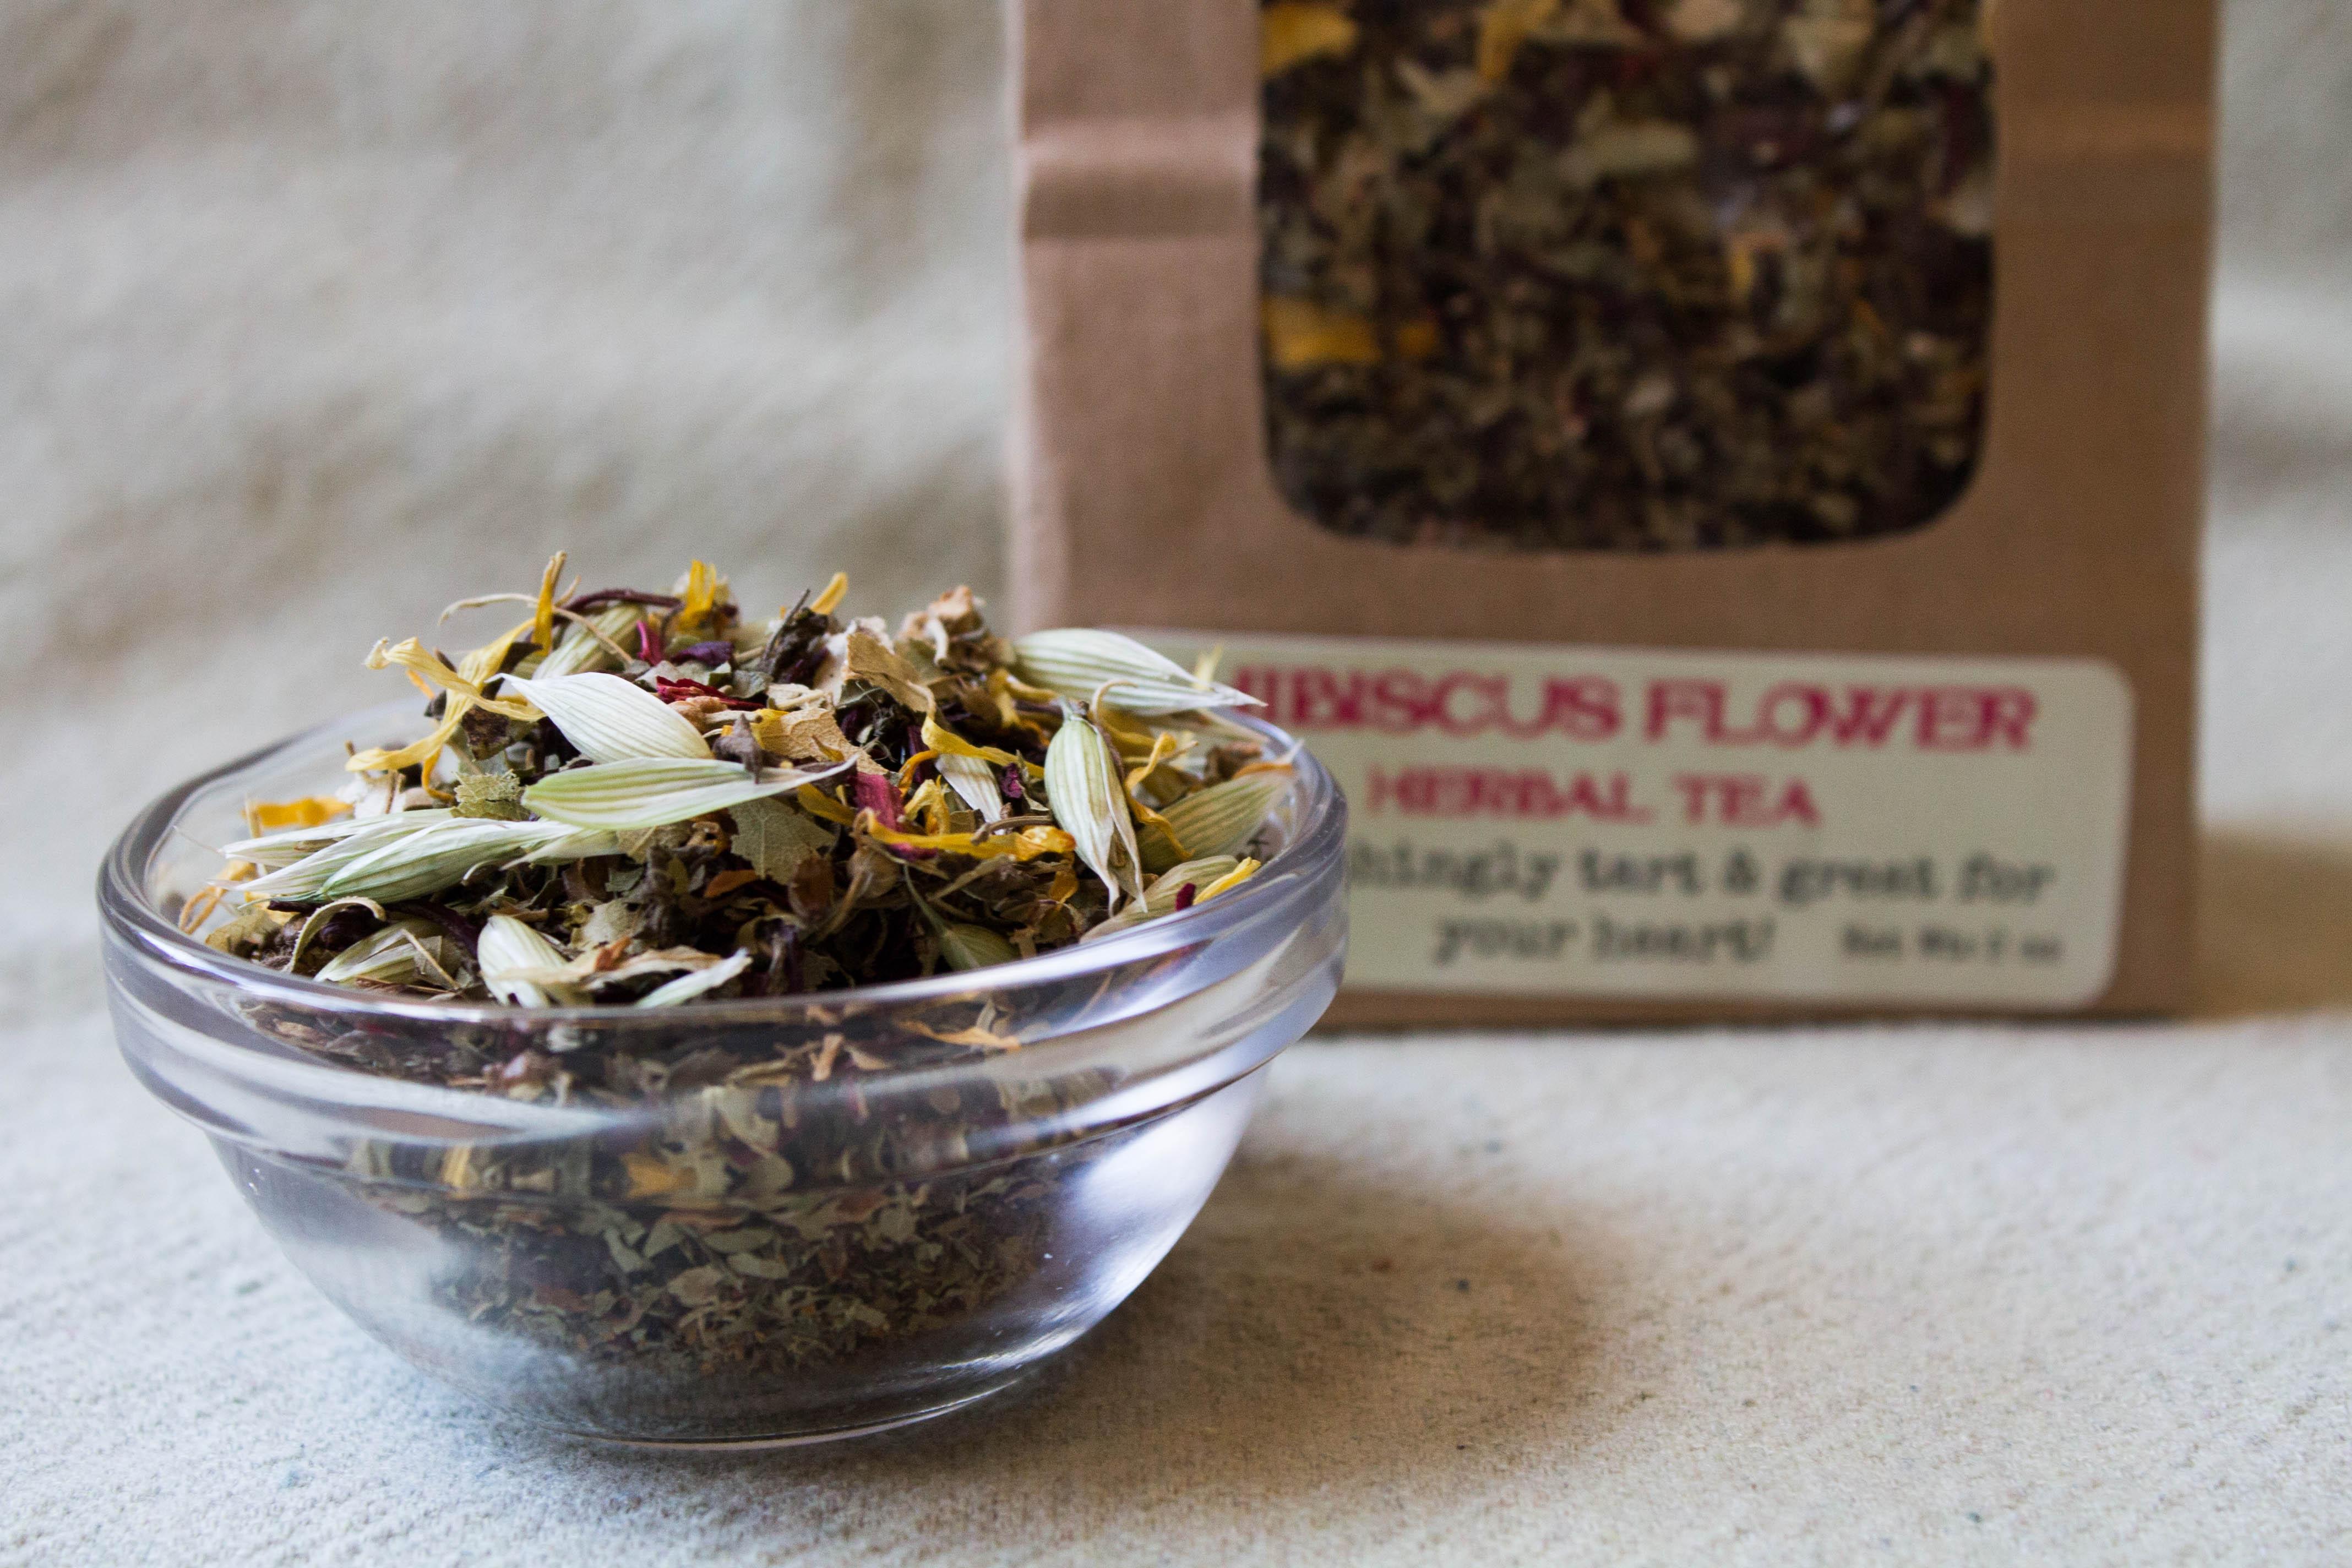 Hibiscus flower tea tonic herb shop hibiscus flower tea izmirmasajfo